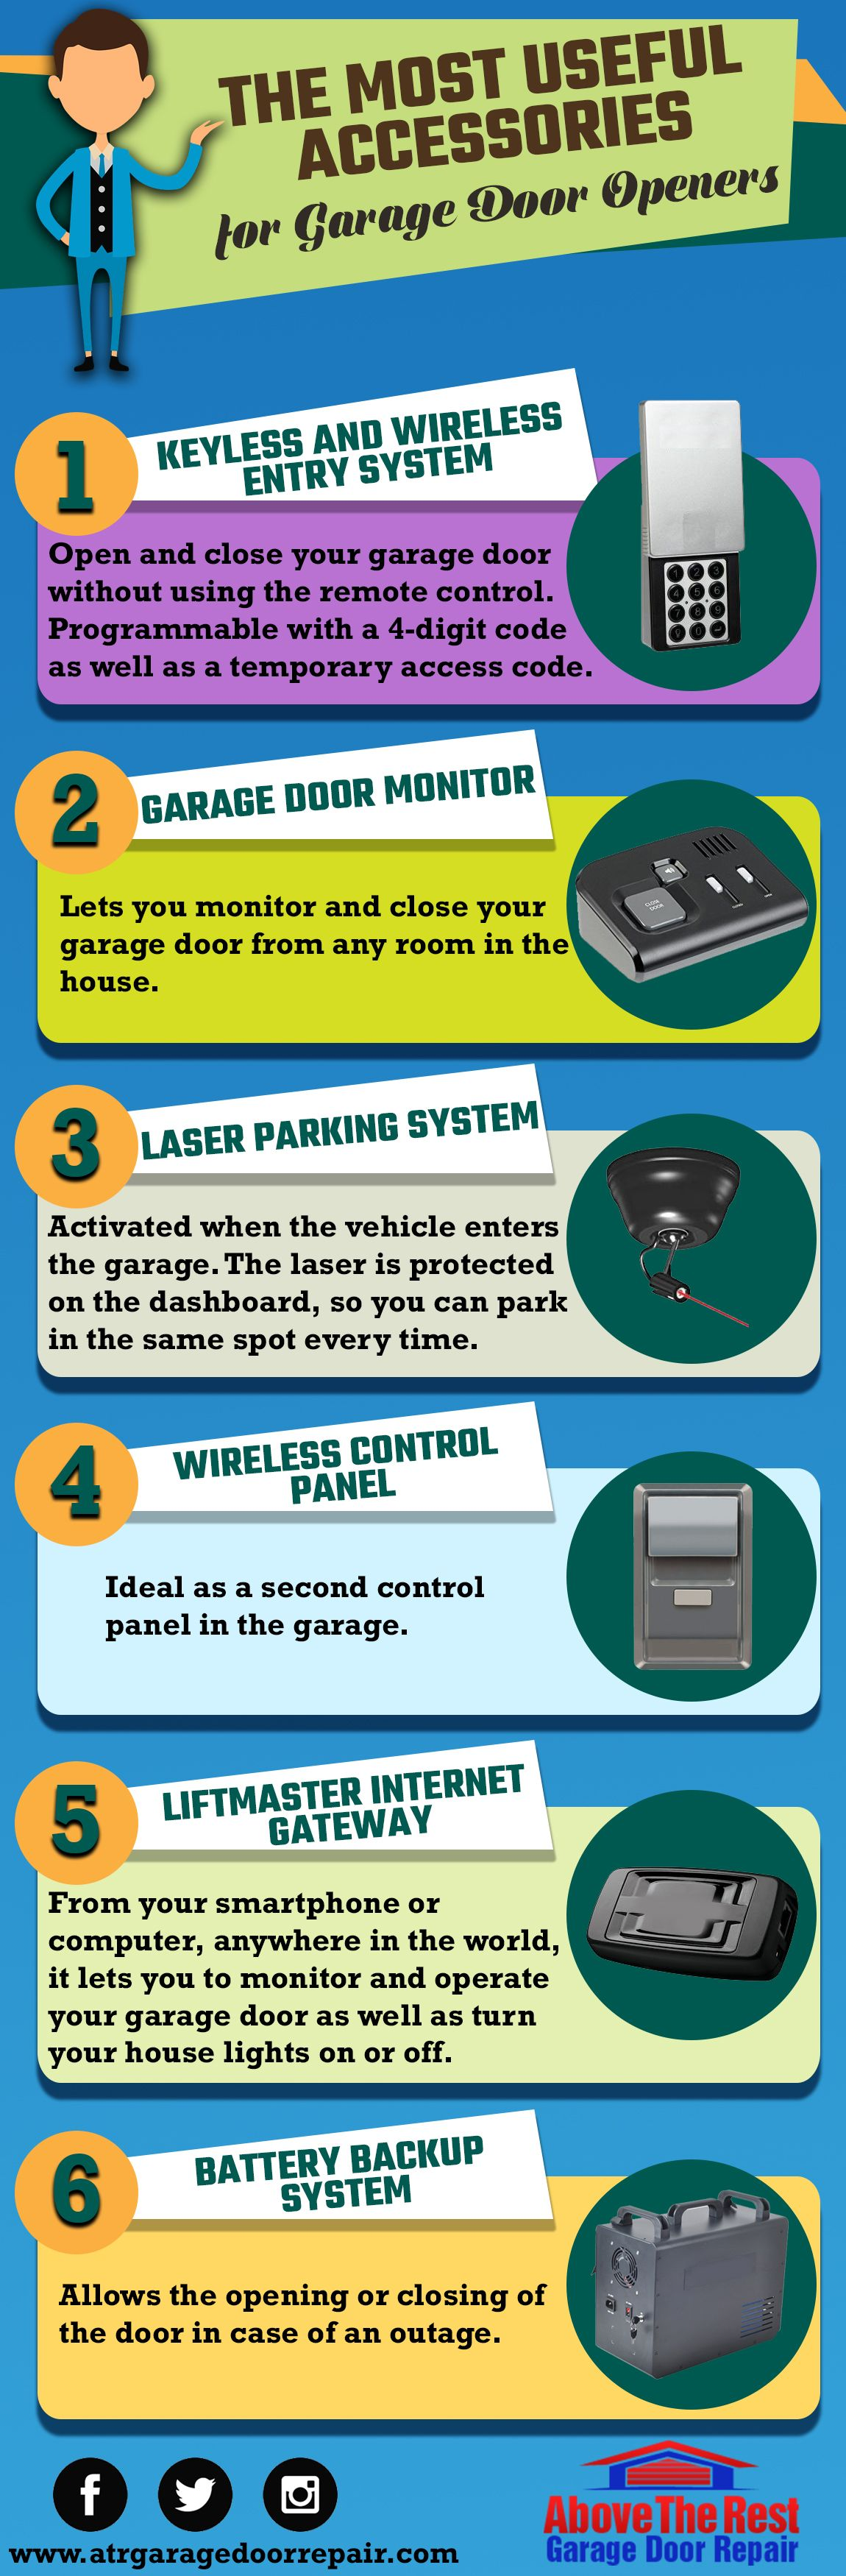 The Most Useful Accessories For Garage Door Openers Garage Door Repair Garage Doors Garage